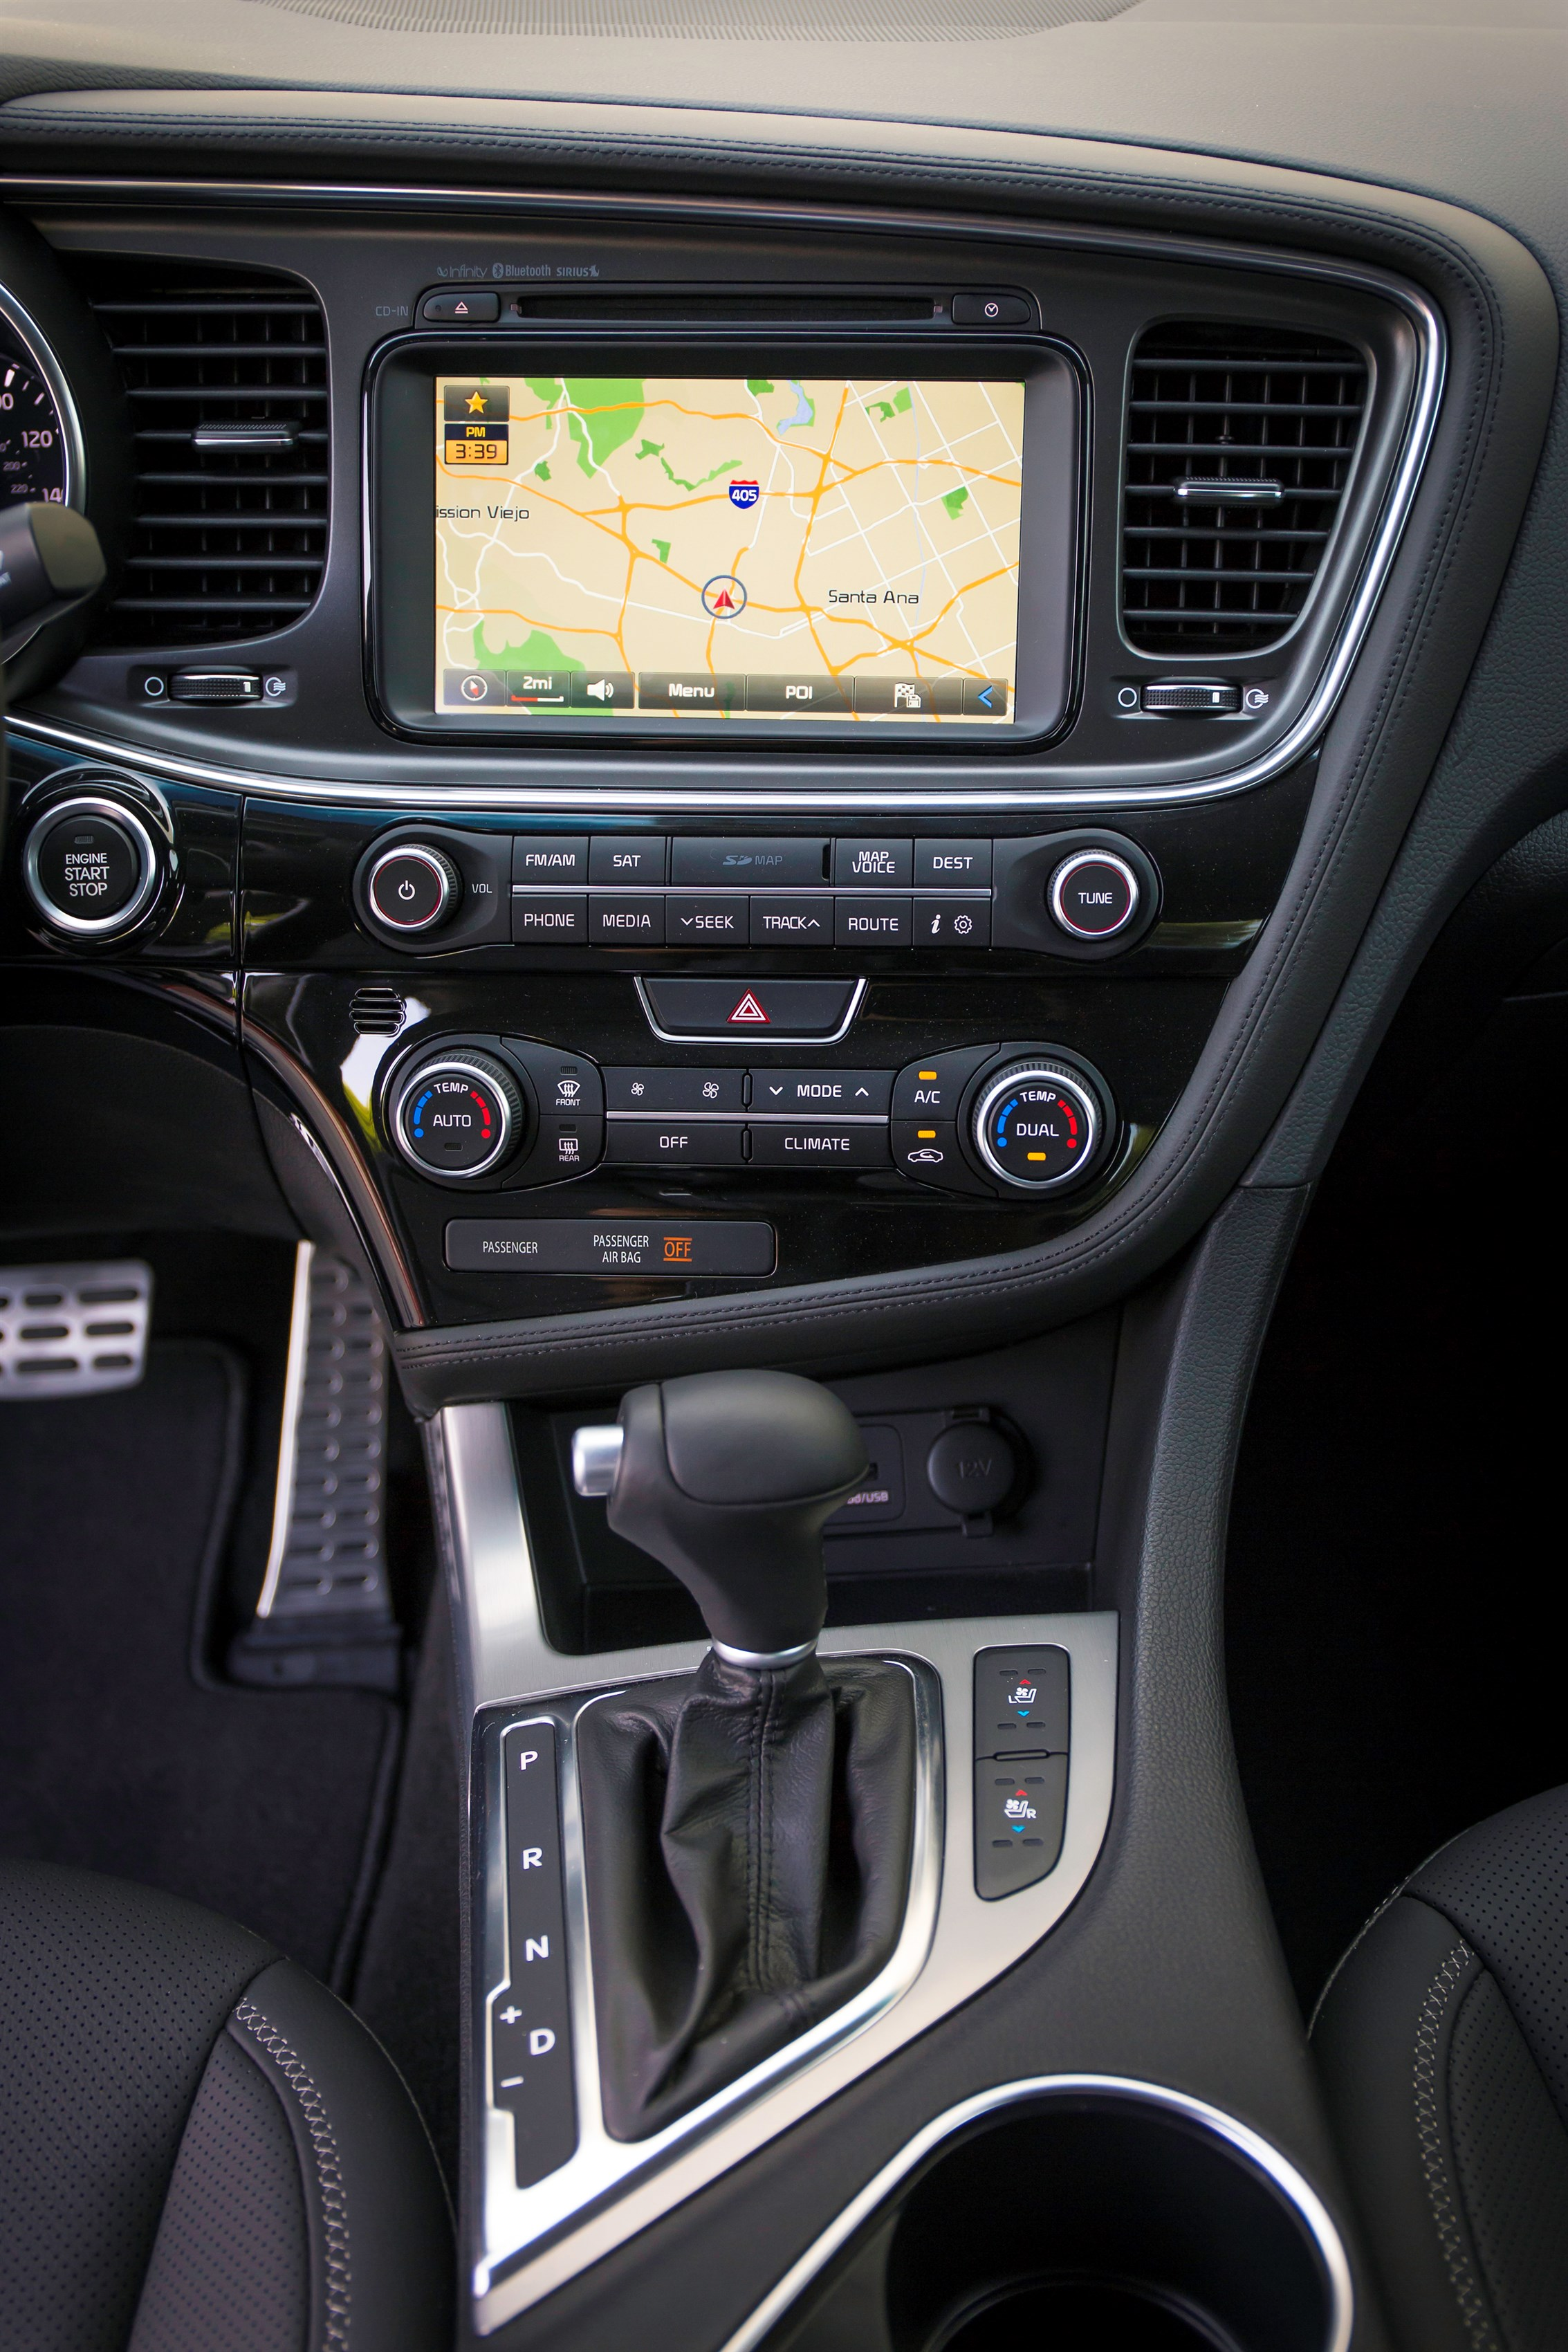 Buying Used 2011-15 Kia Optima